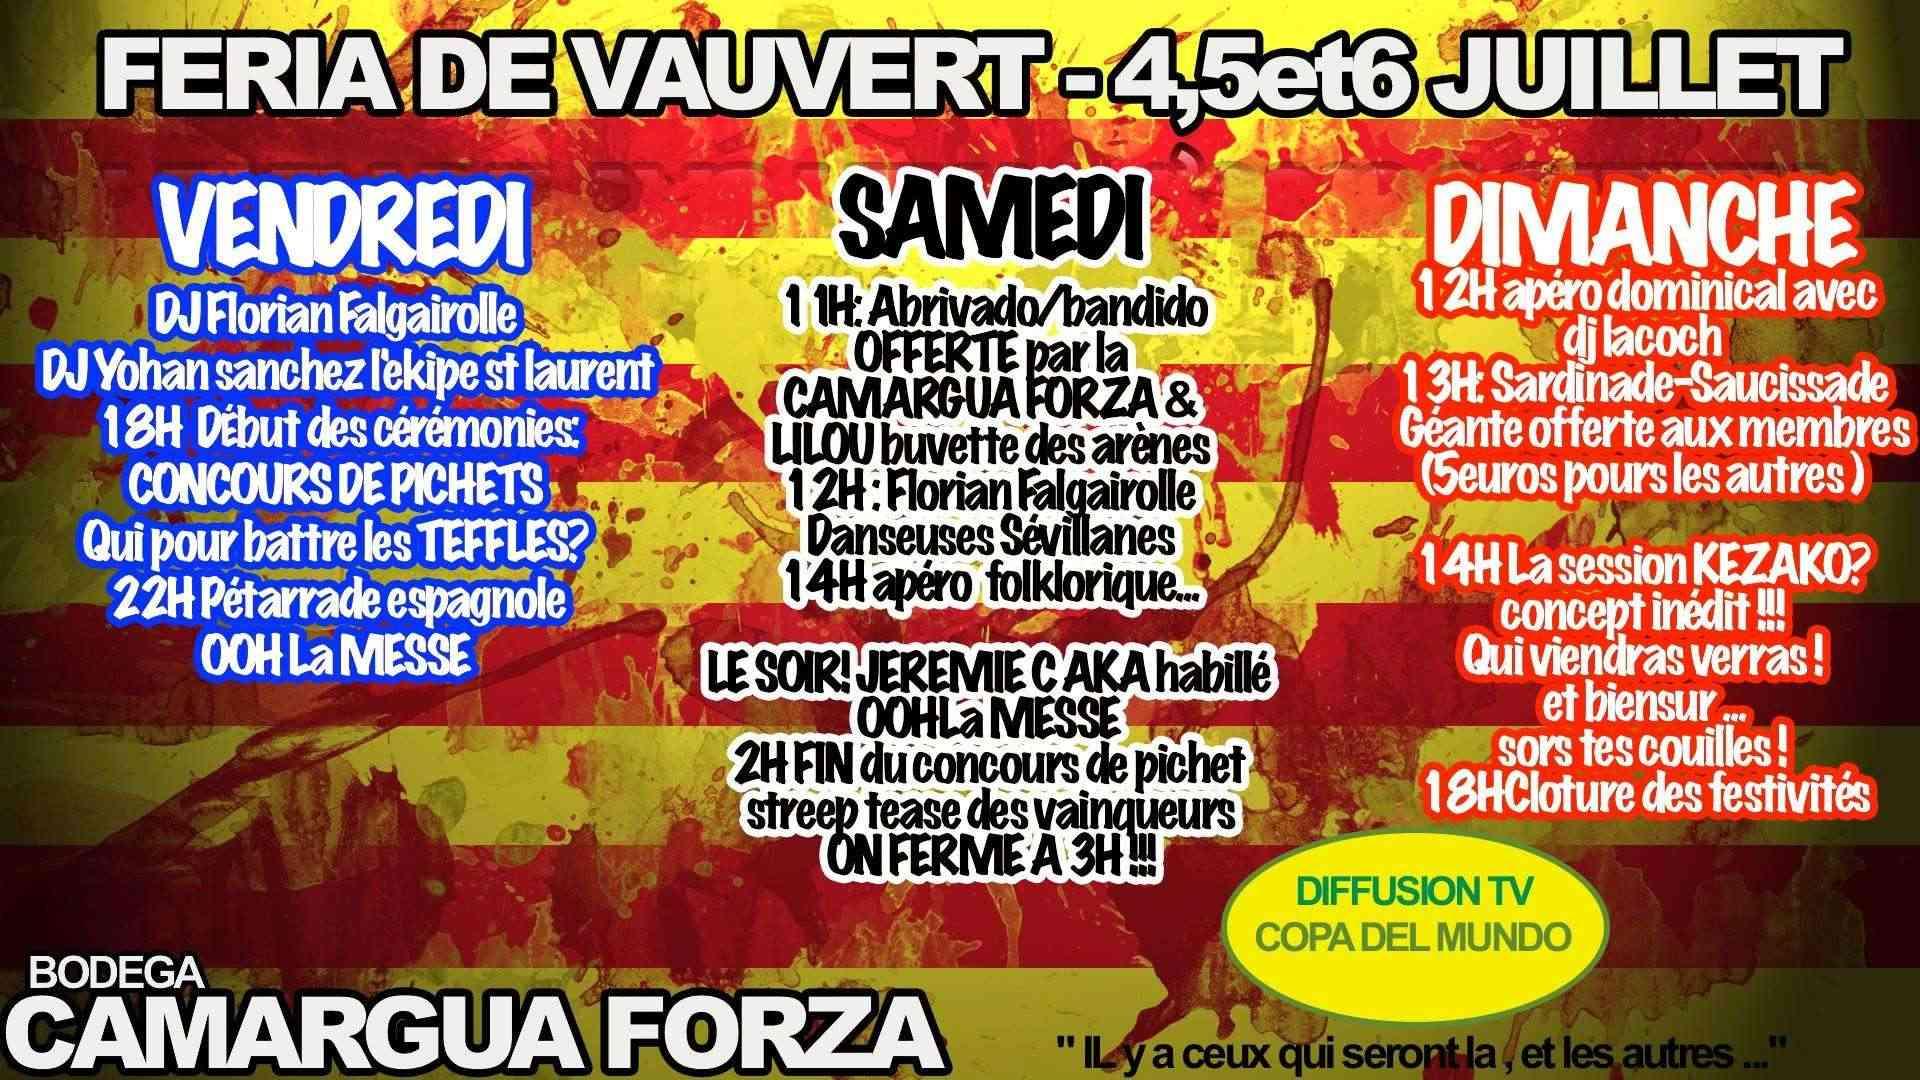 FERIA DE VAUVERT 2014    4 / 5 / 6 juillet 10403810